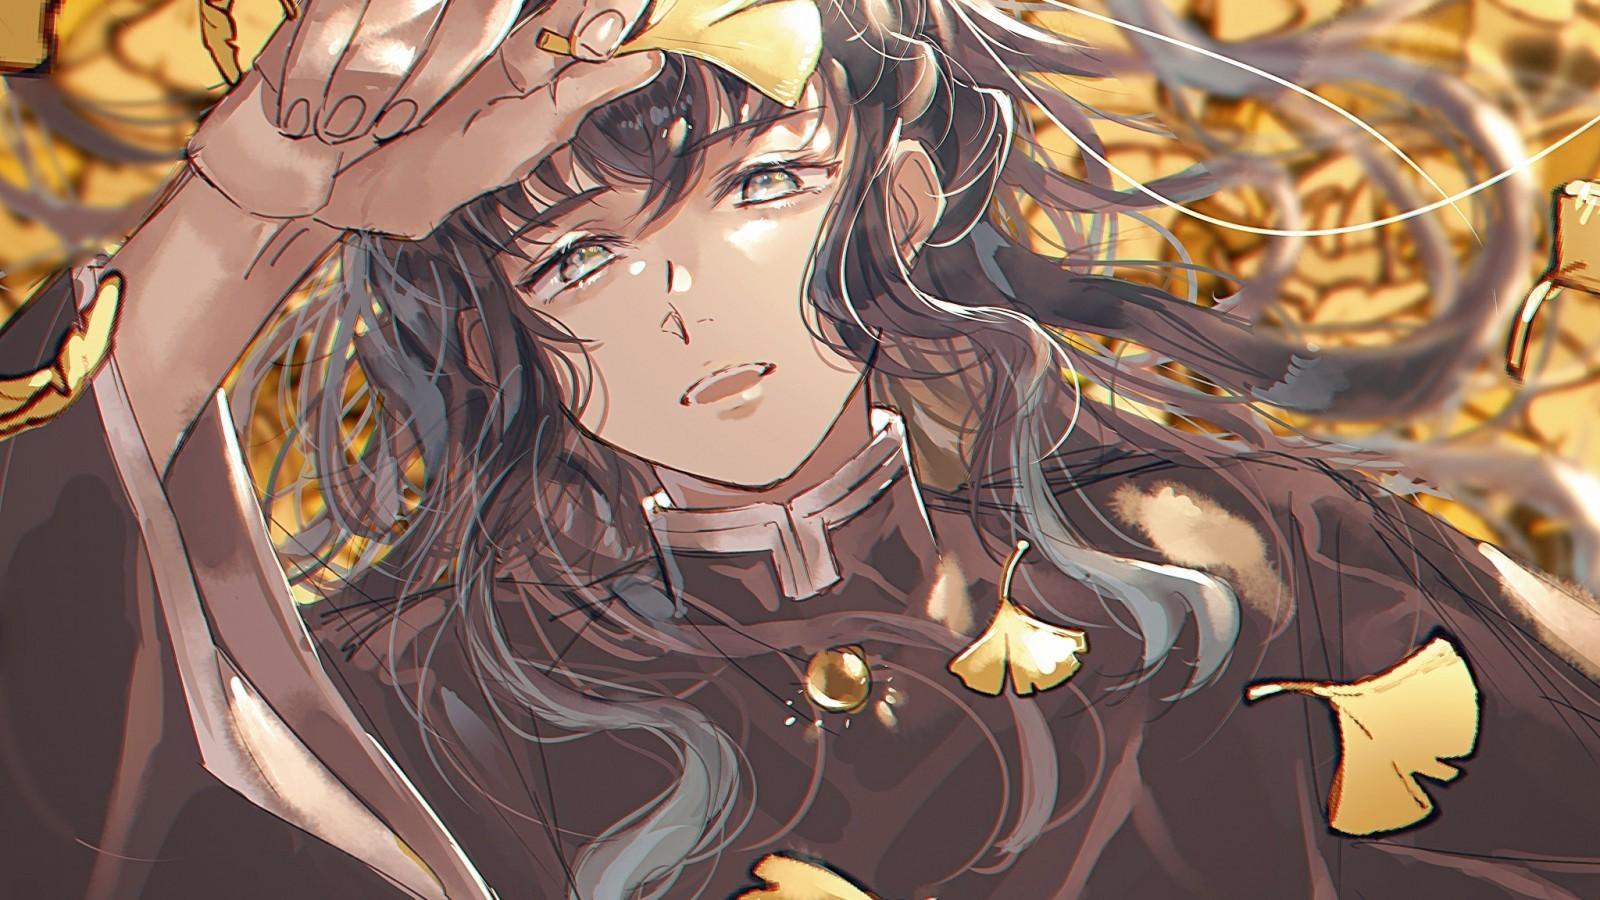 Tokitou Muichirou, Kimetsu No Yaiba, Lying Down, Leaves, - Kimetsu No Yaiba - HD Wallpaper